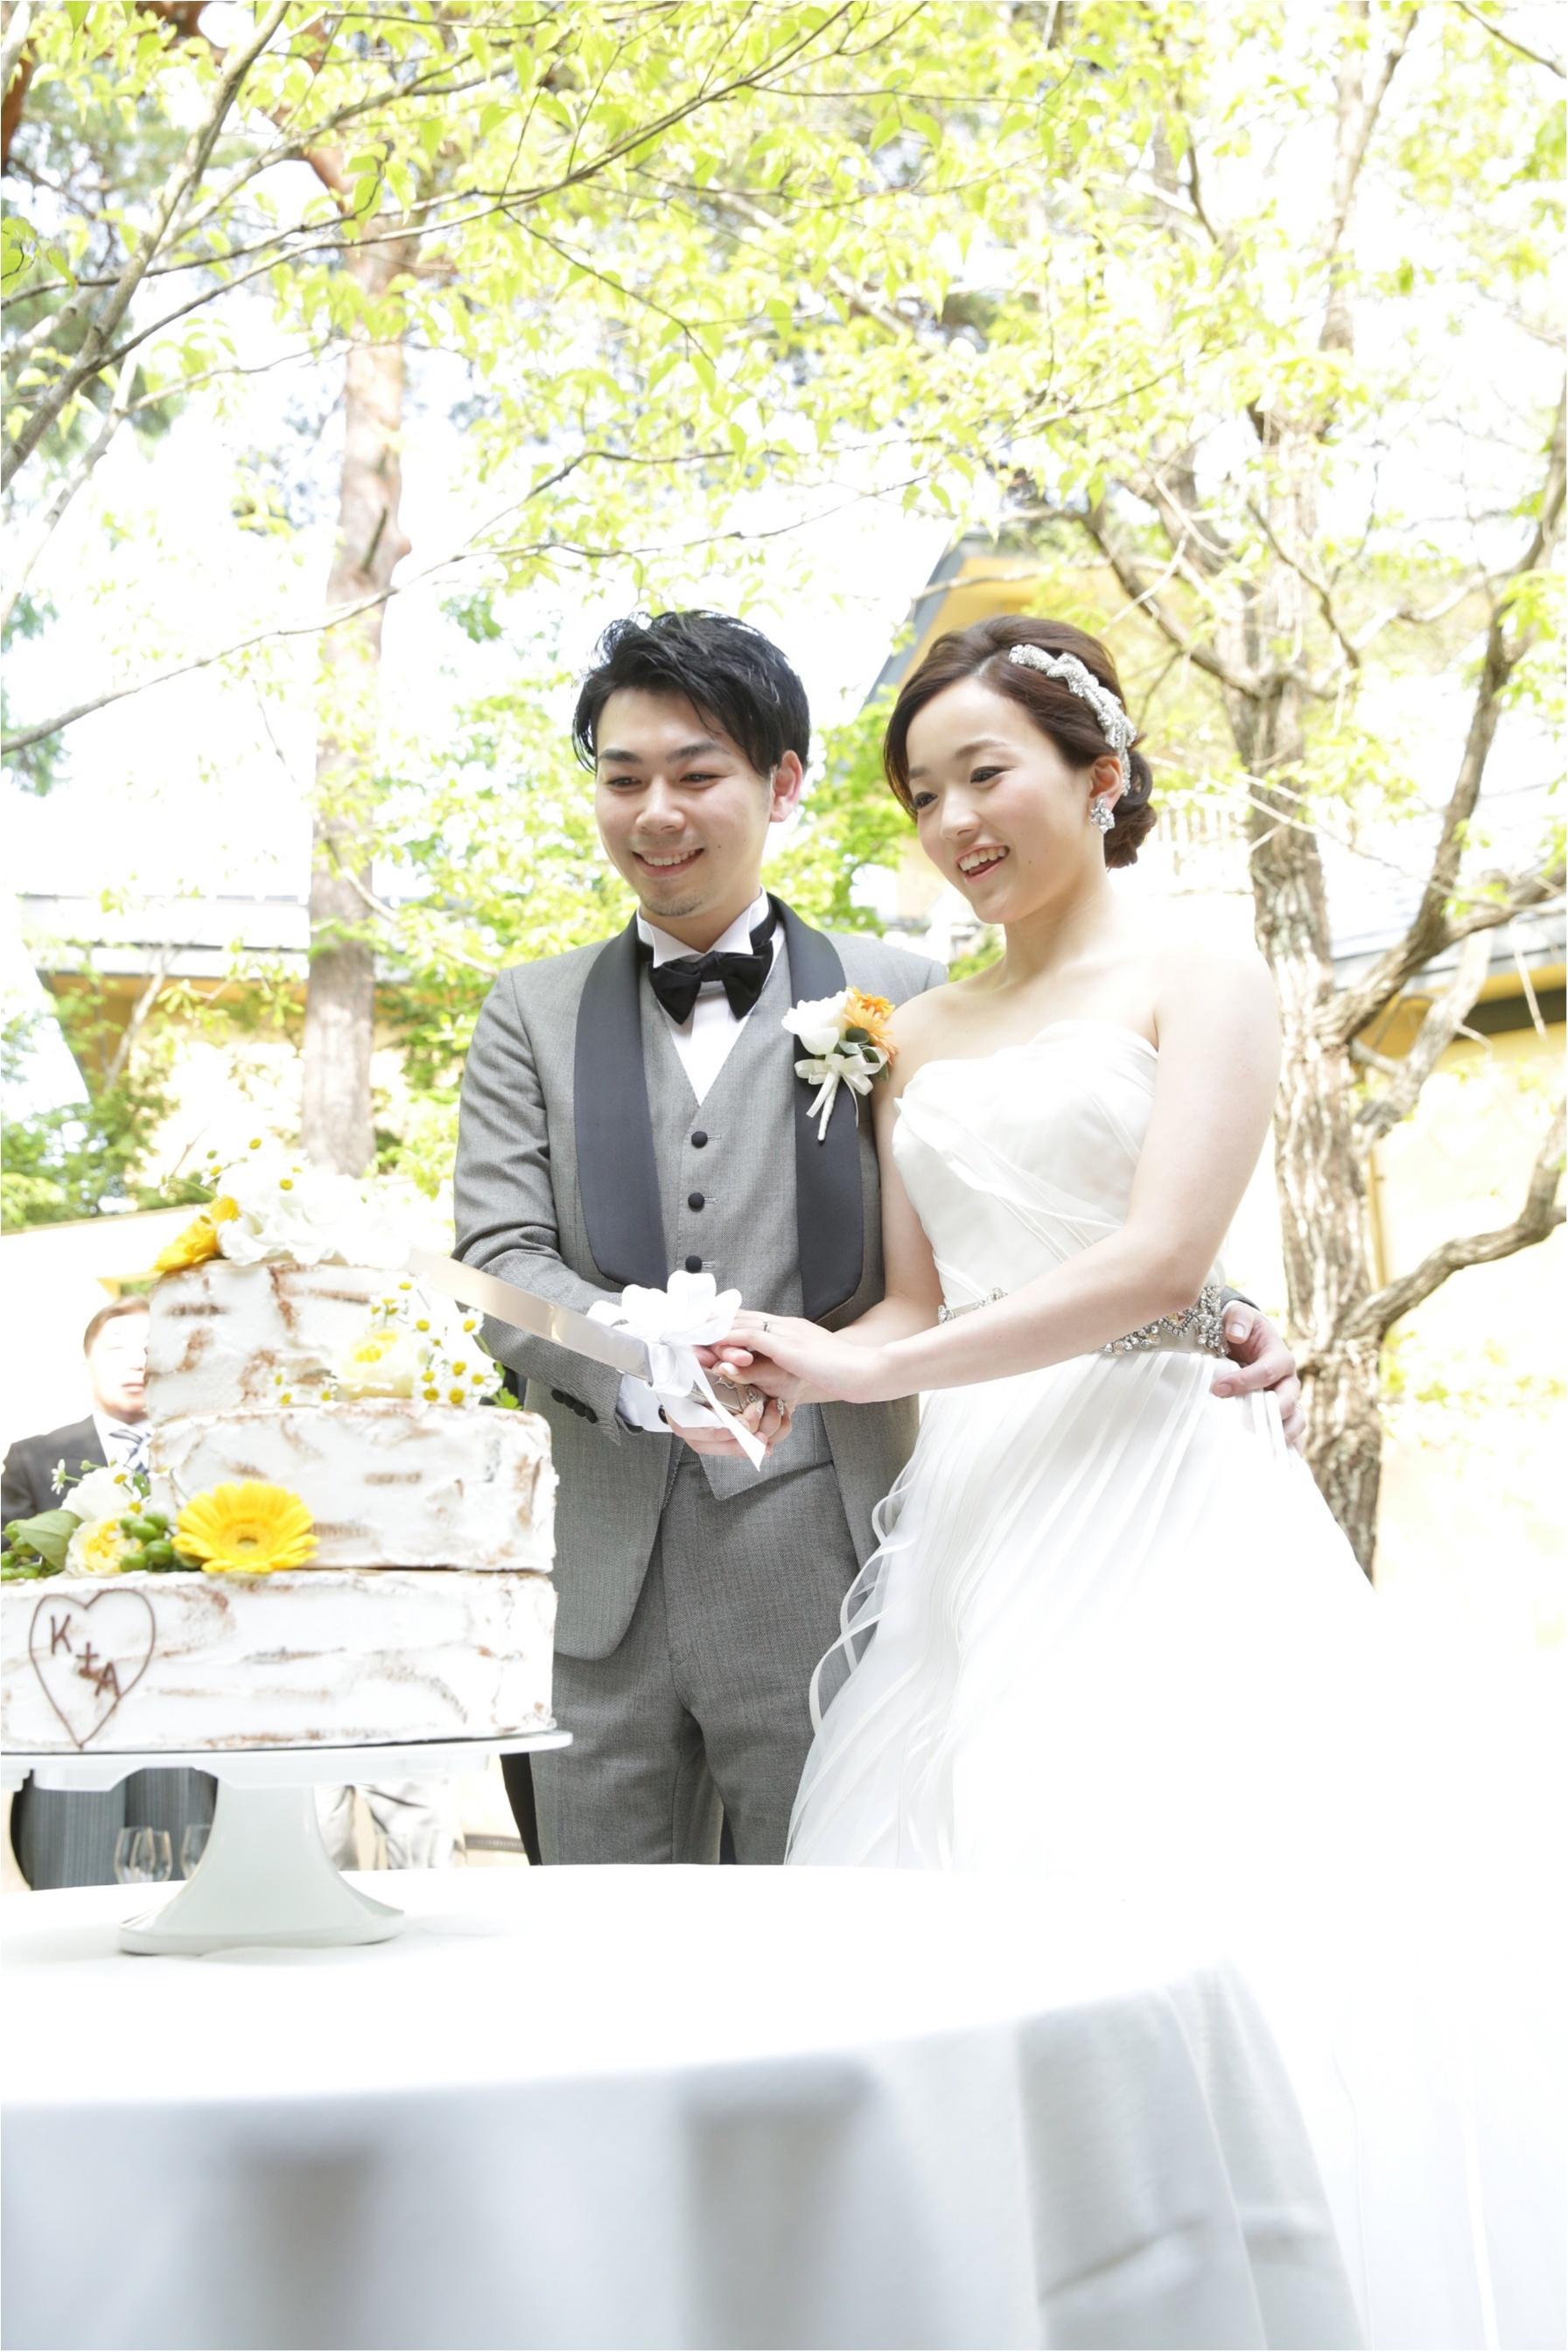 こだわりいっぱいの披露宴(軽井沢Weddingレポ④)_6